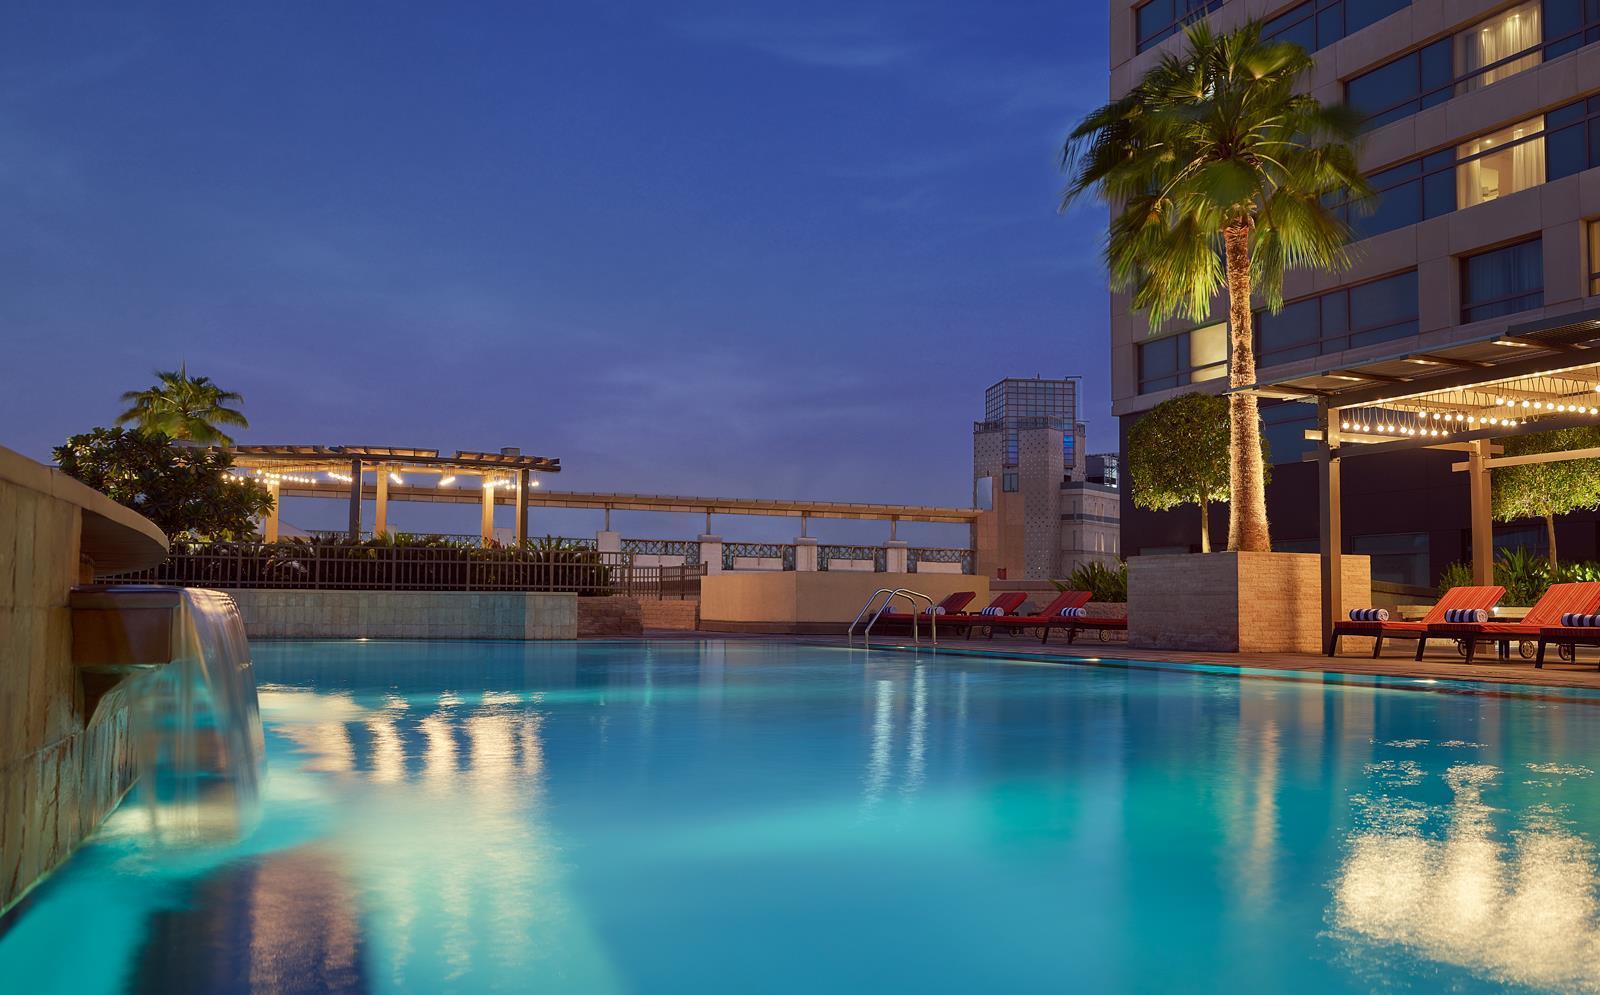 Swissotel Al Ghurair Hotel Managed by AccorHotels